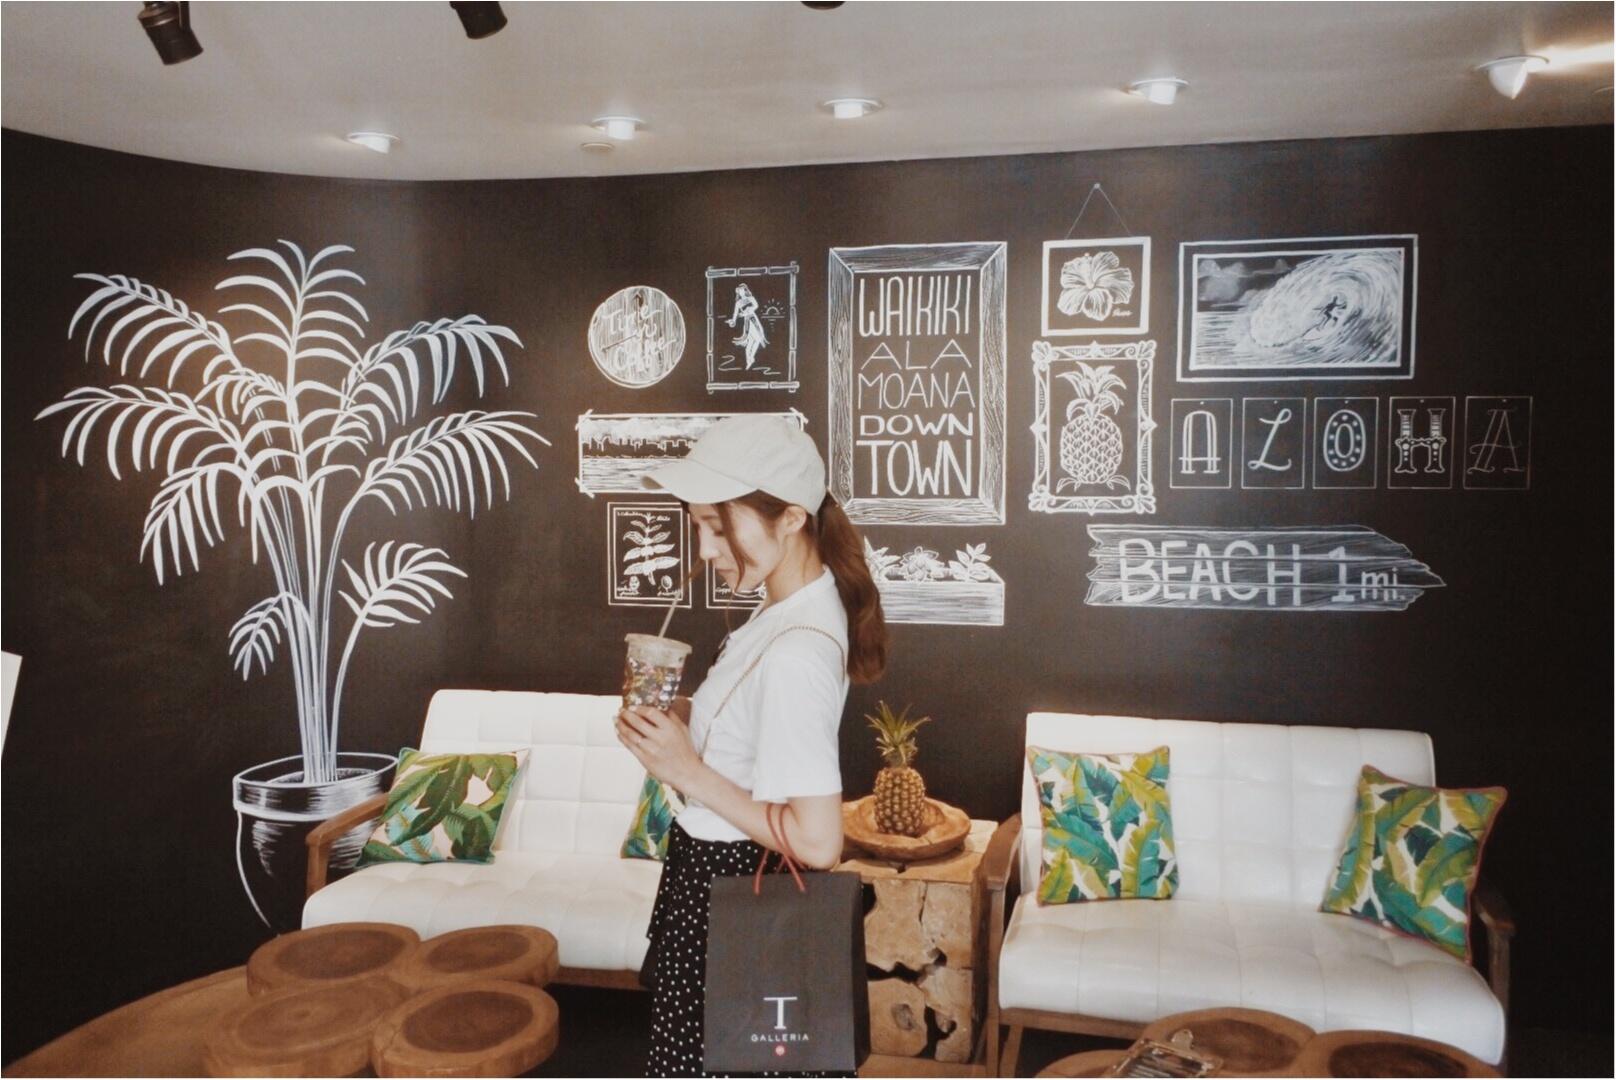 【Hawaii】おすすめ隠れ家カフェをご紹介します!!美味しいワッフルと内装が可愛いすぎる♡♡インスタ映えするフォトスペースも!?_3